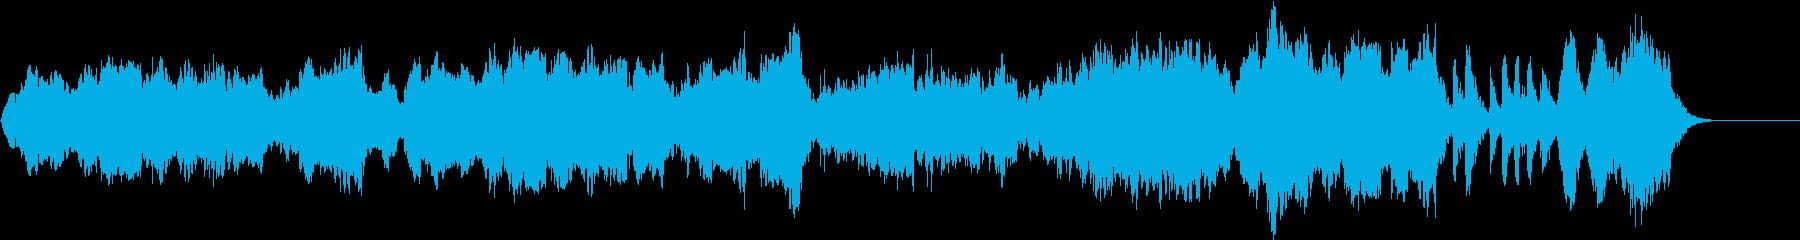 オーボエで奏でる悲しいメロディの再生済みの波形